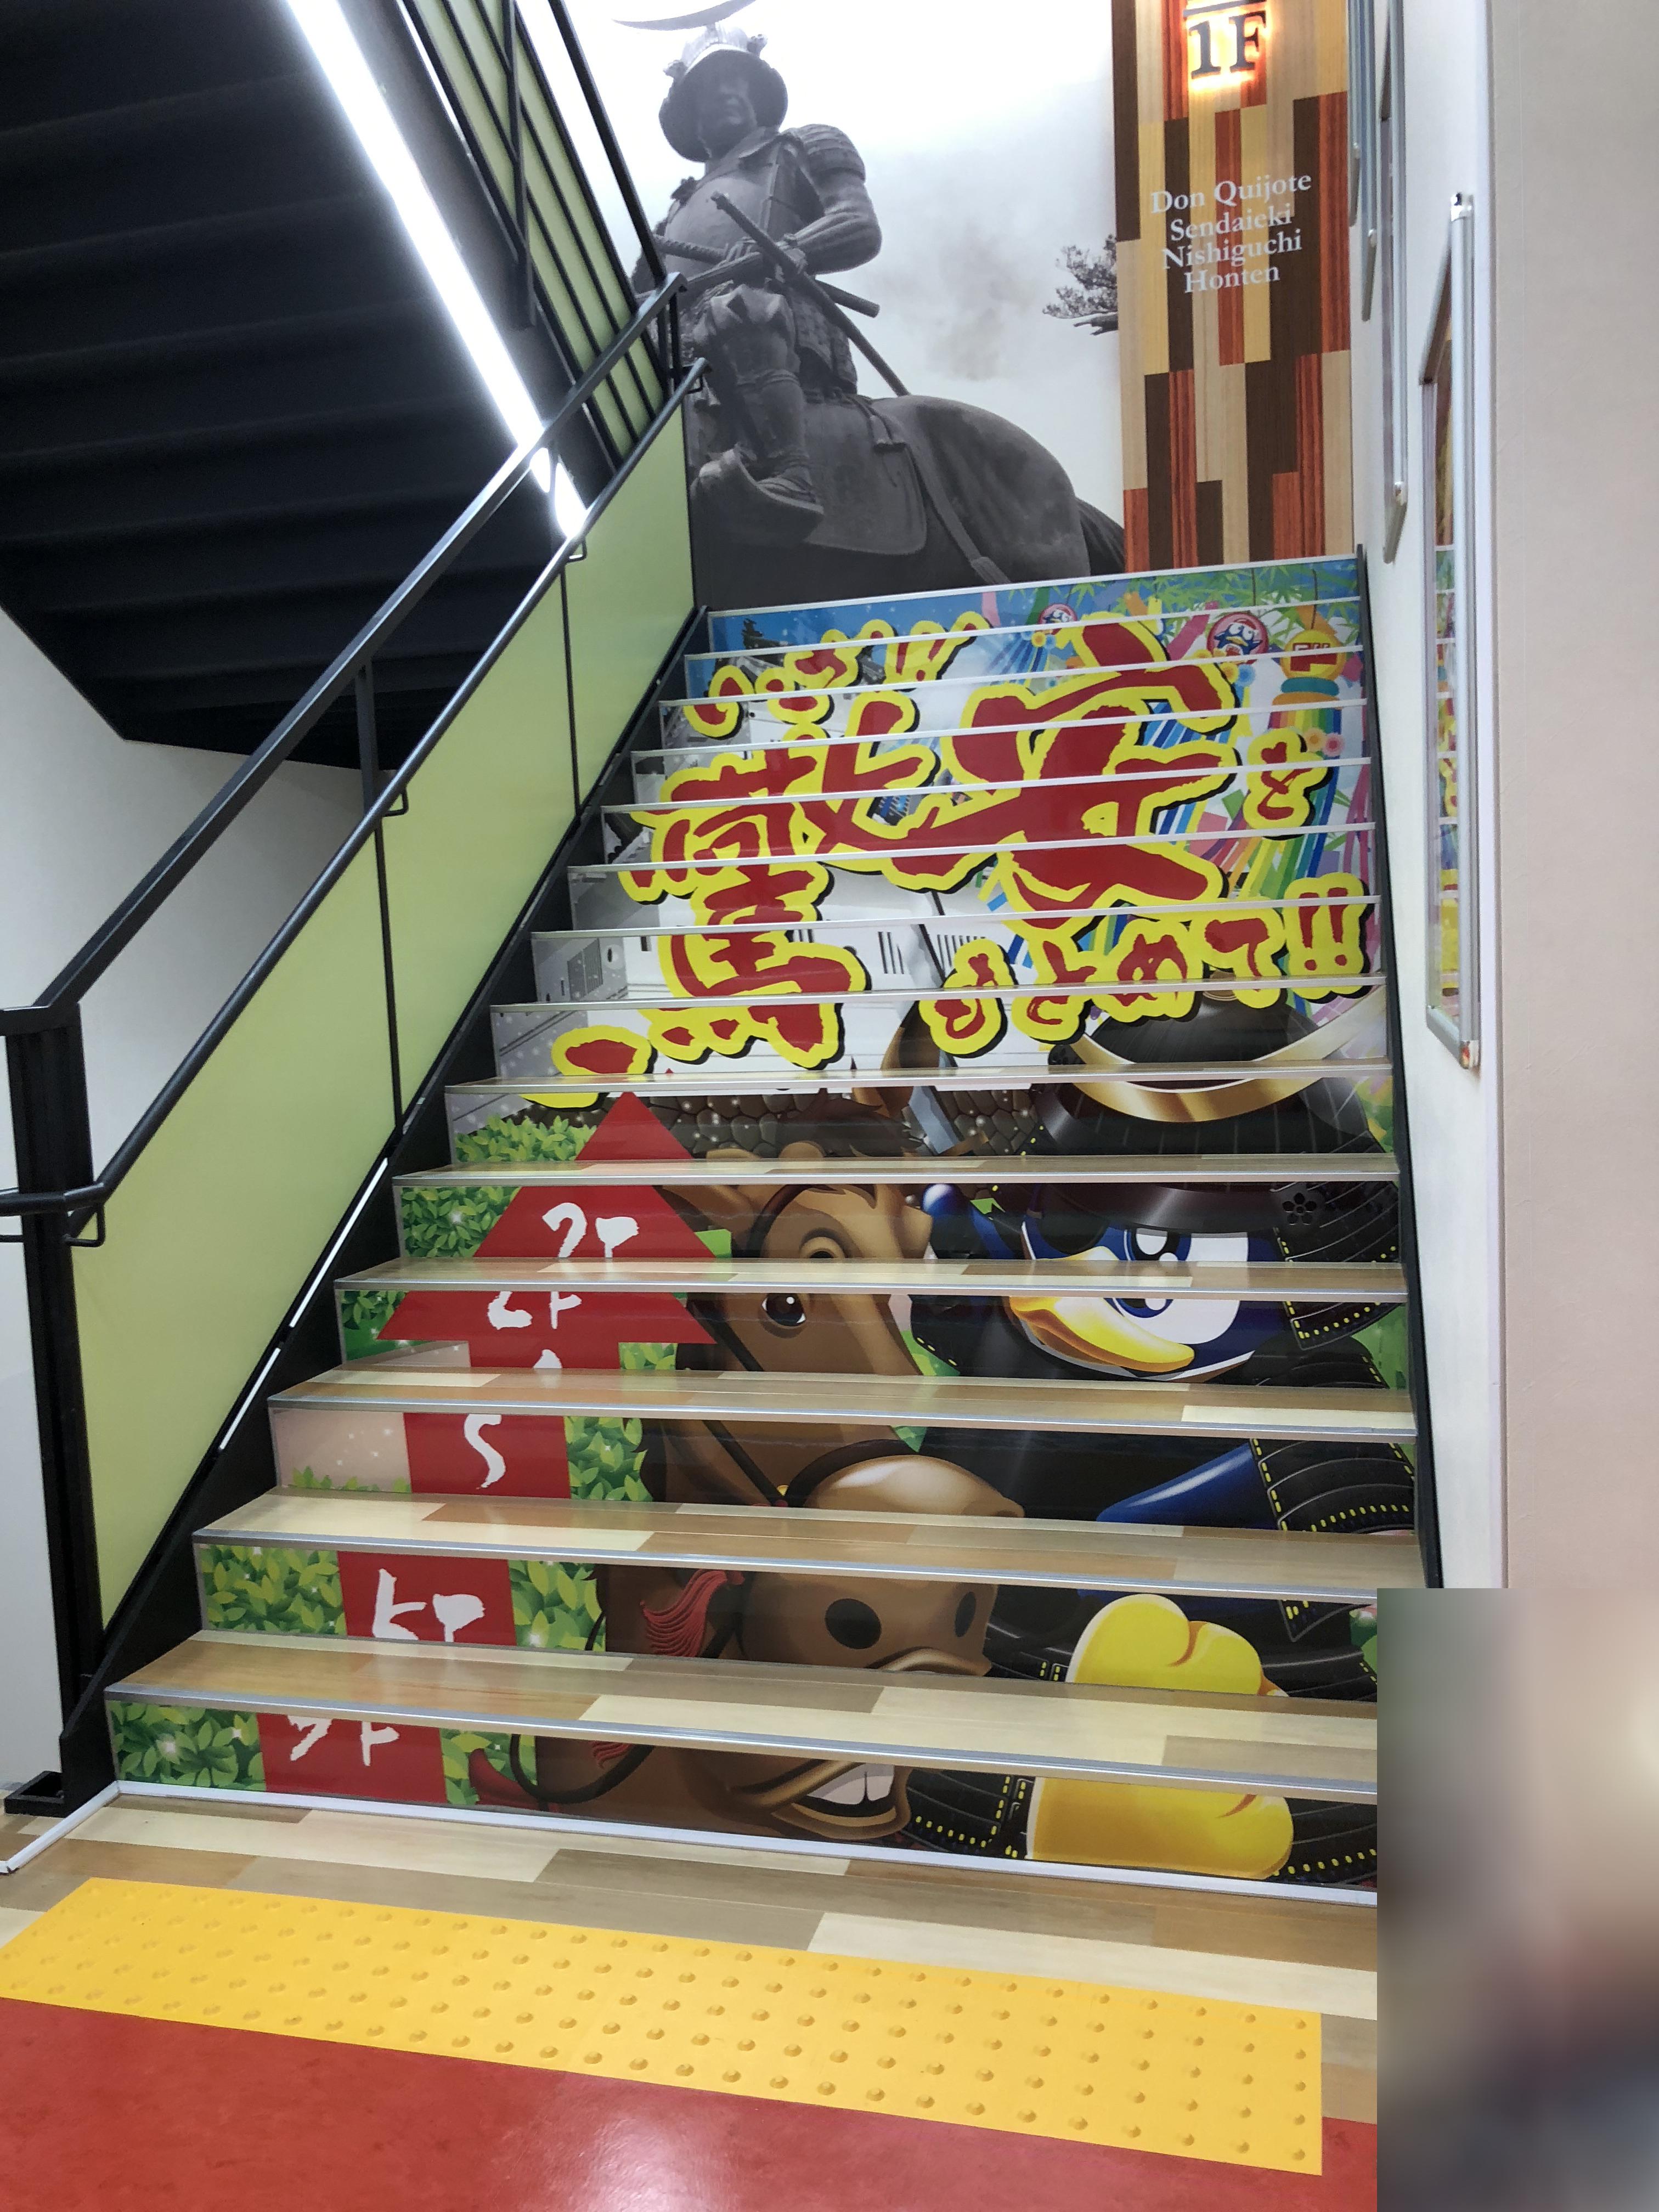 ドン・キホーテ仙台駅西口本店にいってみました。